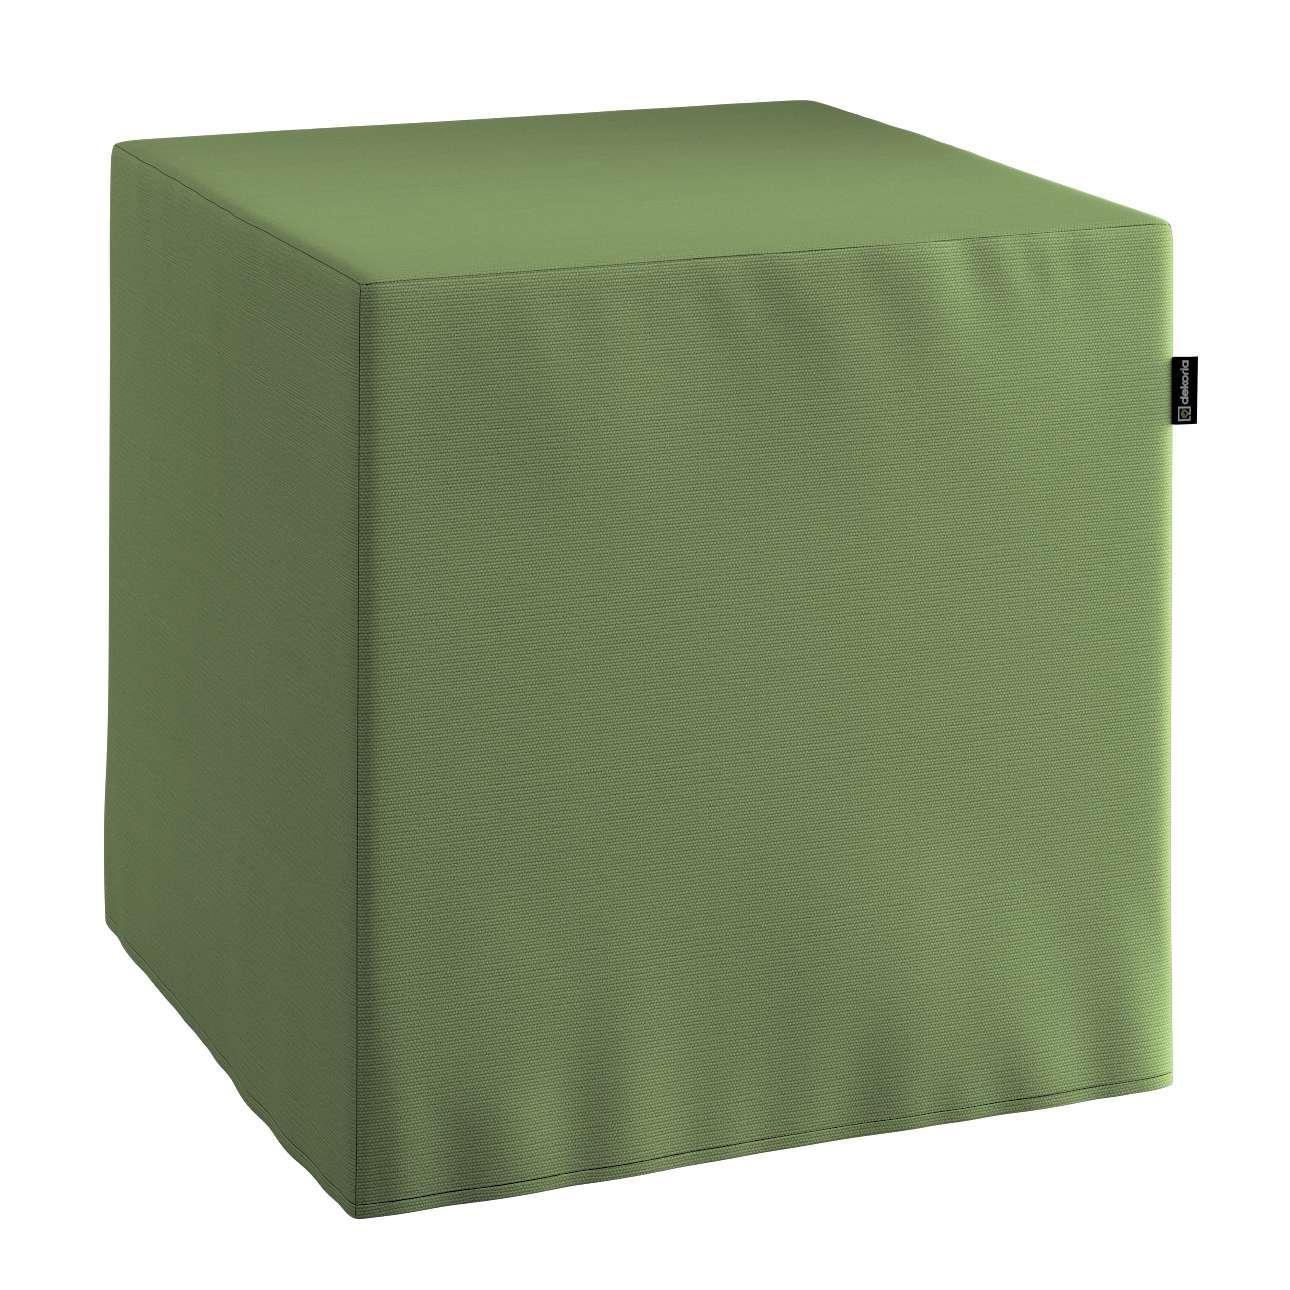 Bezug für Sitzwürfel Bezug für Sitzwürfel 40x40x40 cm von der Kollektion Cotton Panama, Stoff: 702-06